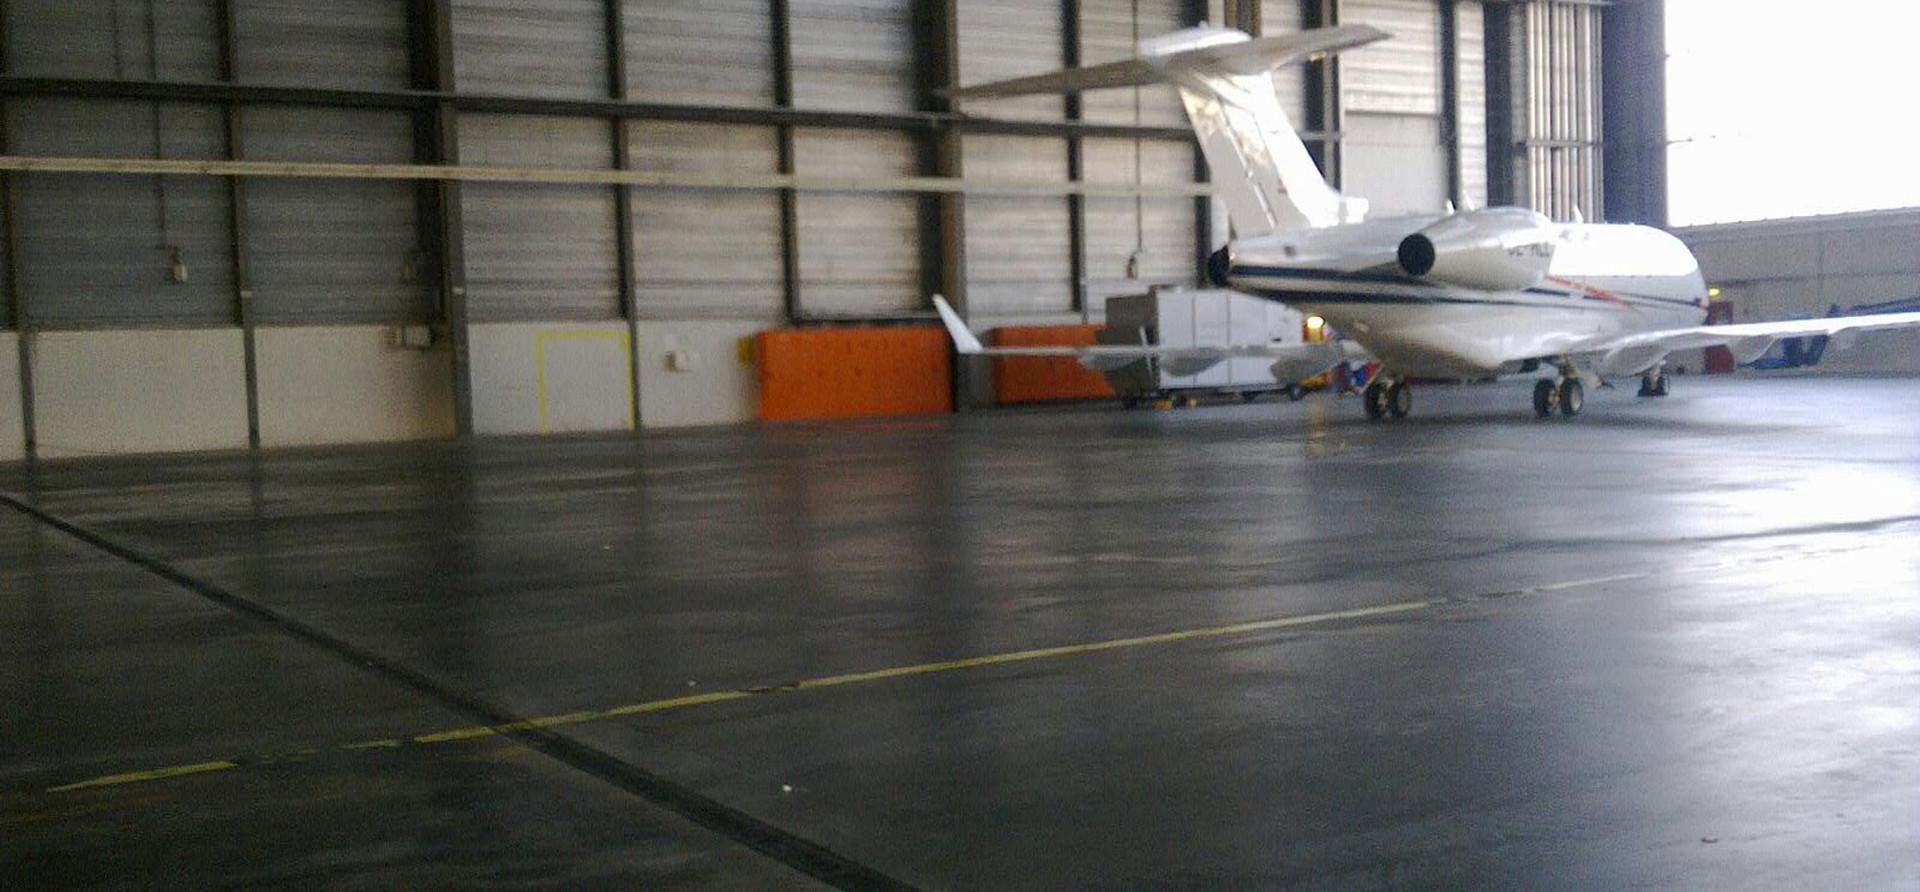 Hangar-leer.jpg